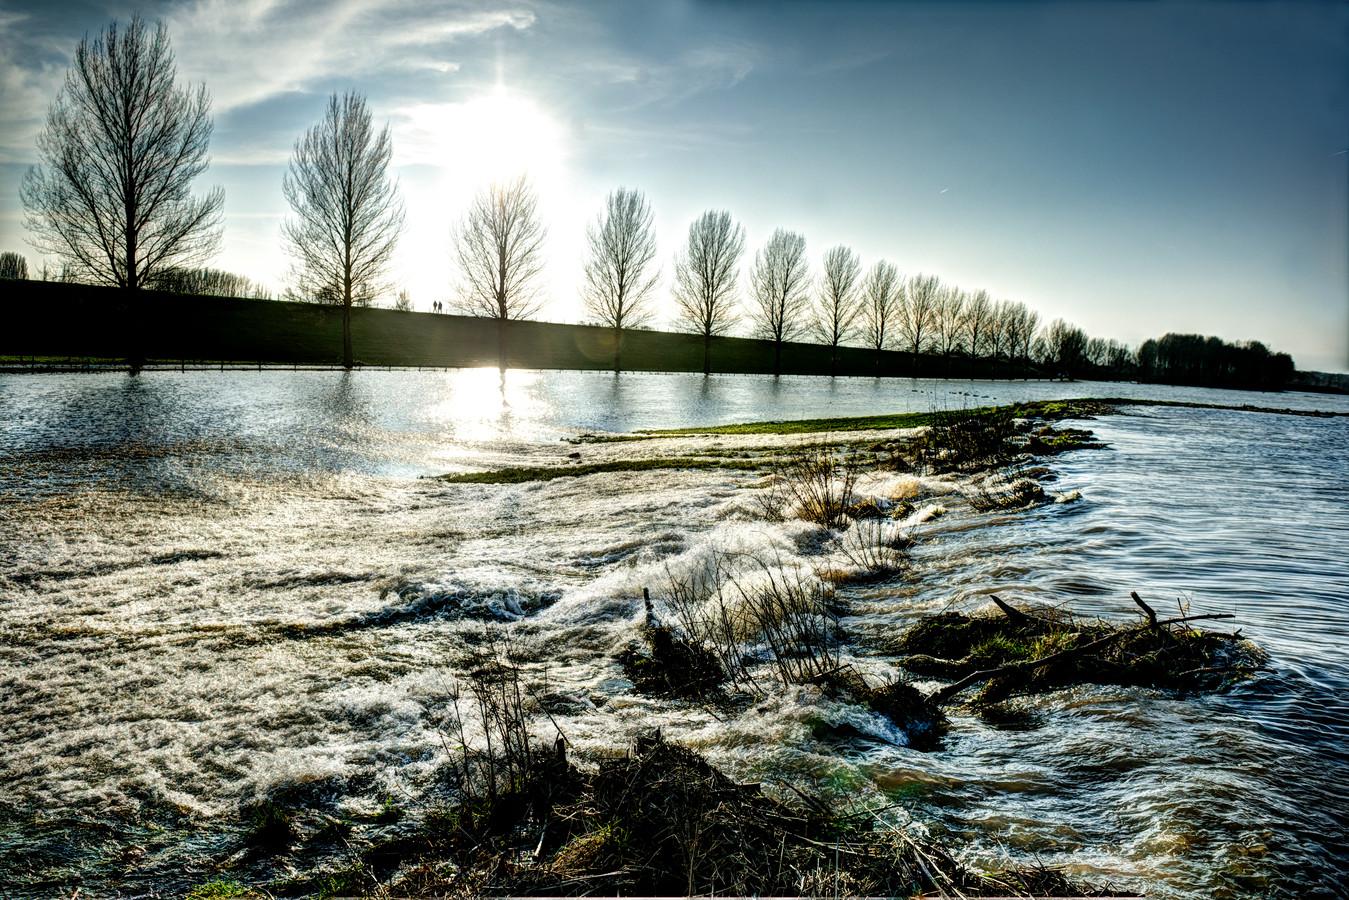 De zomerdijk bij Wamel, op 8 januari 2018 doorgebroken door hoog water.